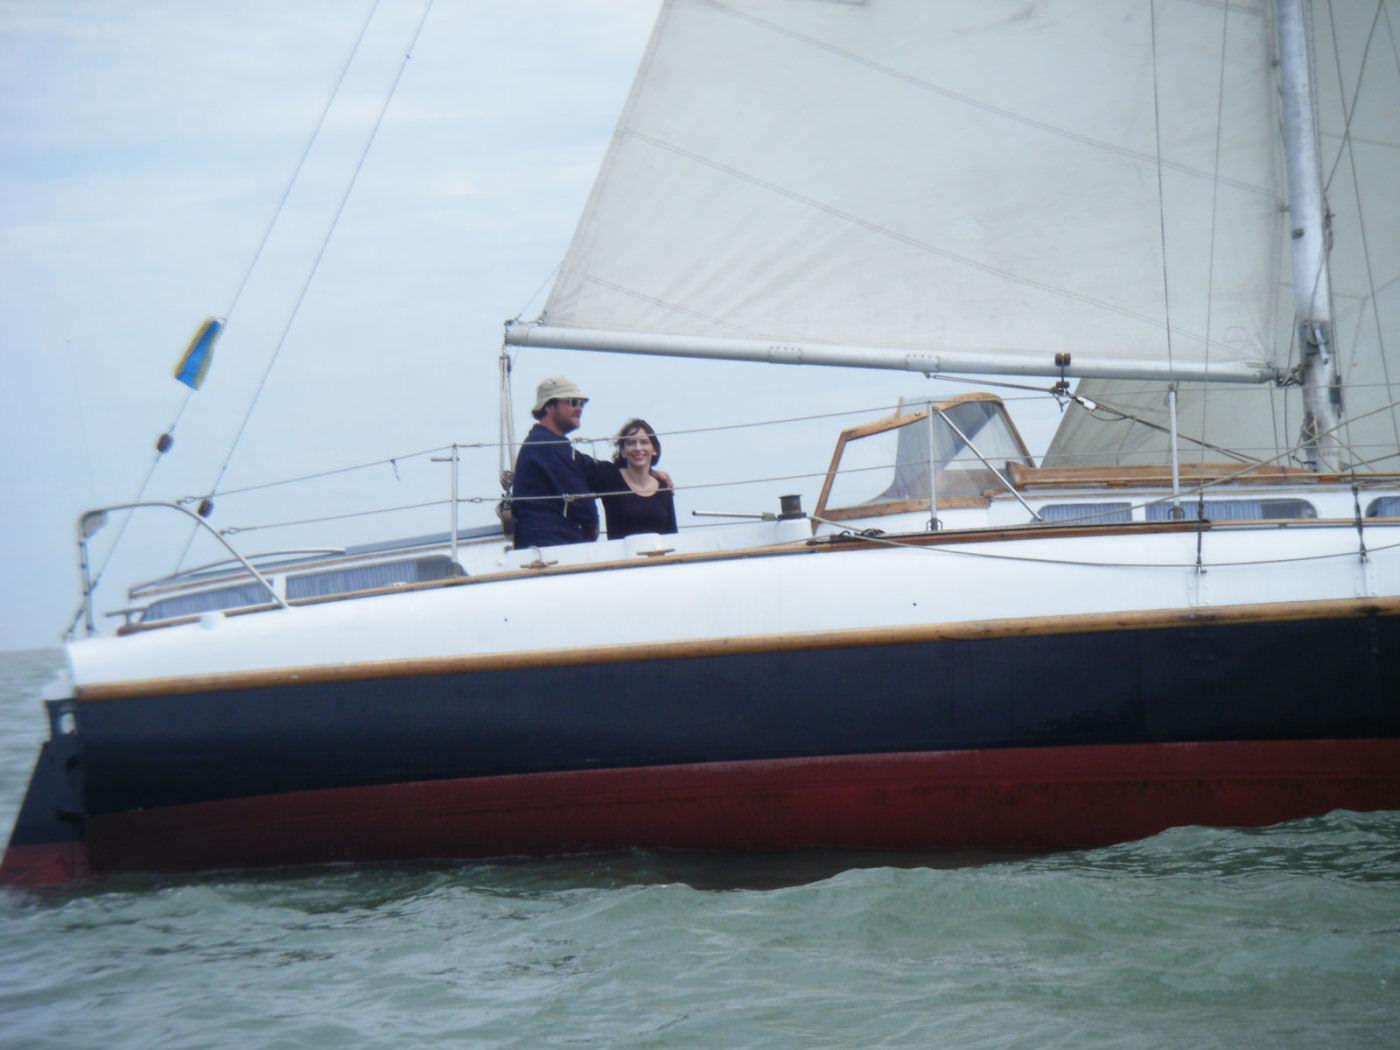 West Mersea Regatta 2011 pic 3 A31-10